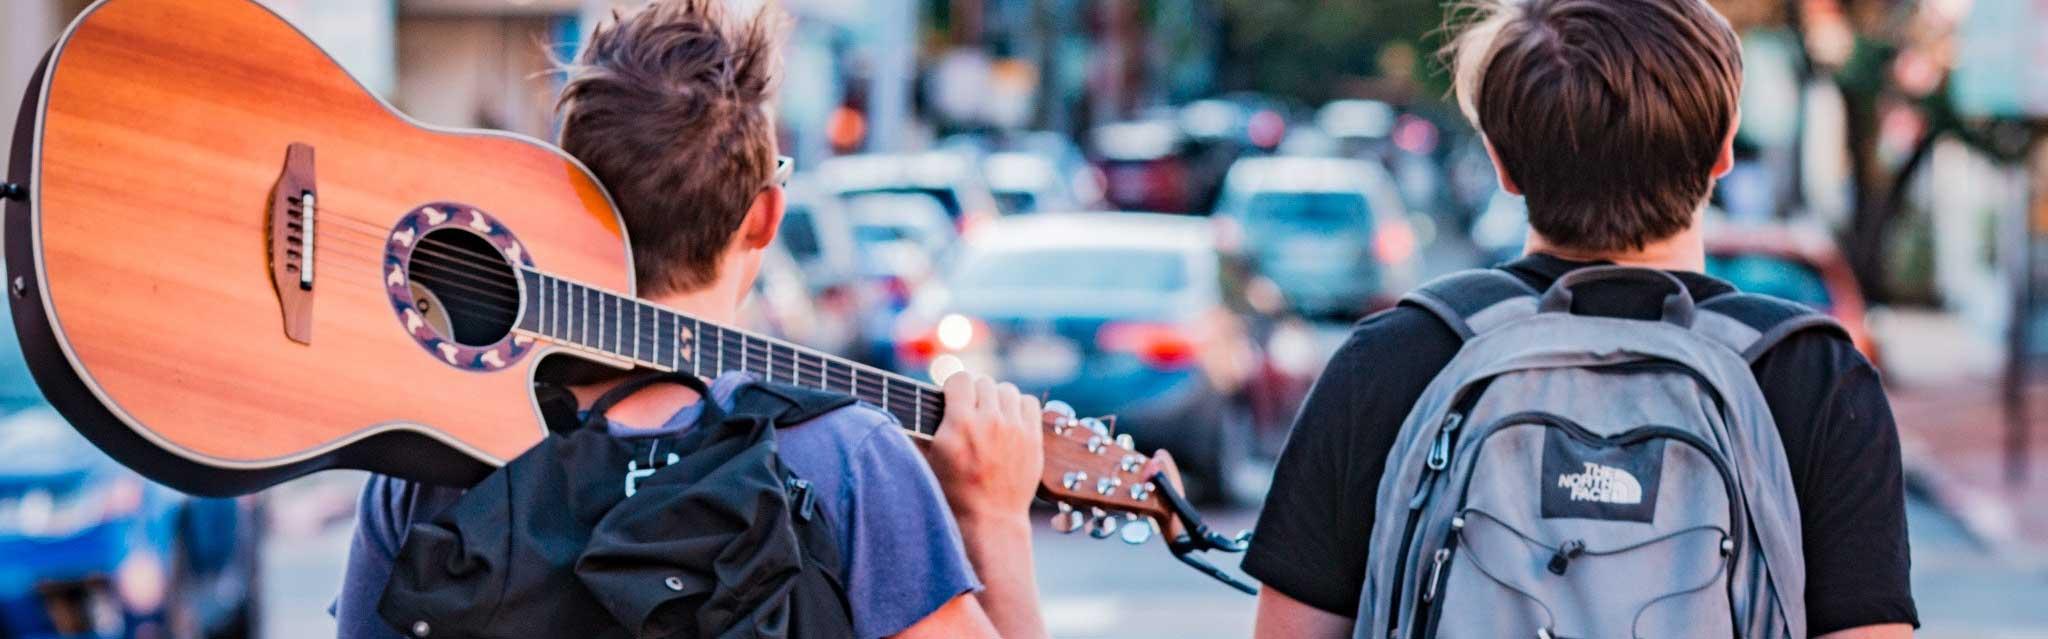 旅行-吉他-生活